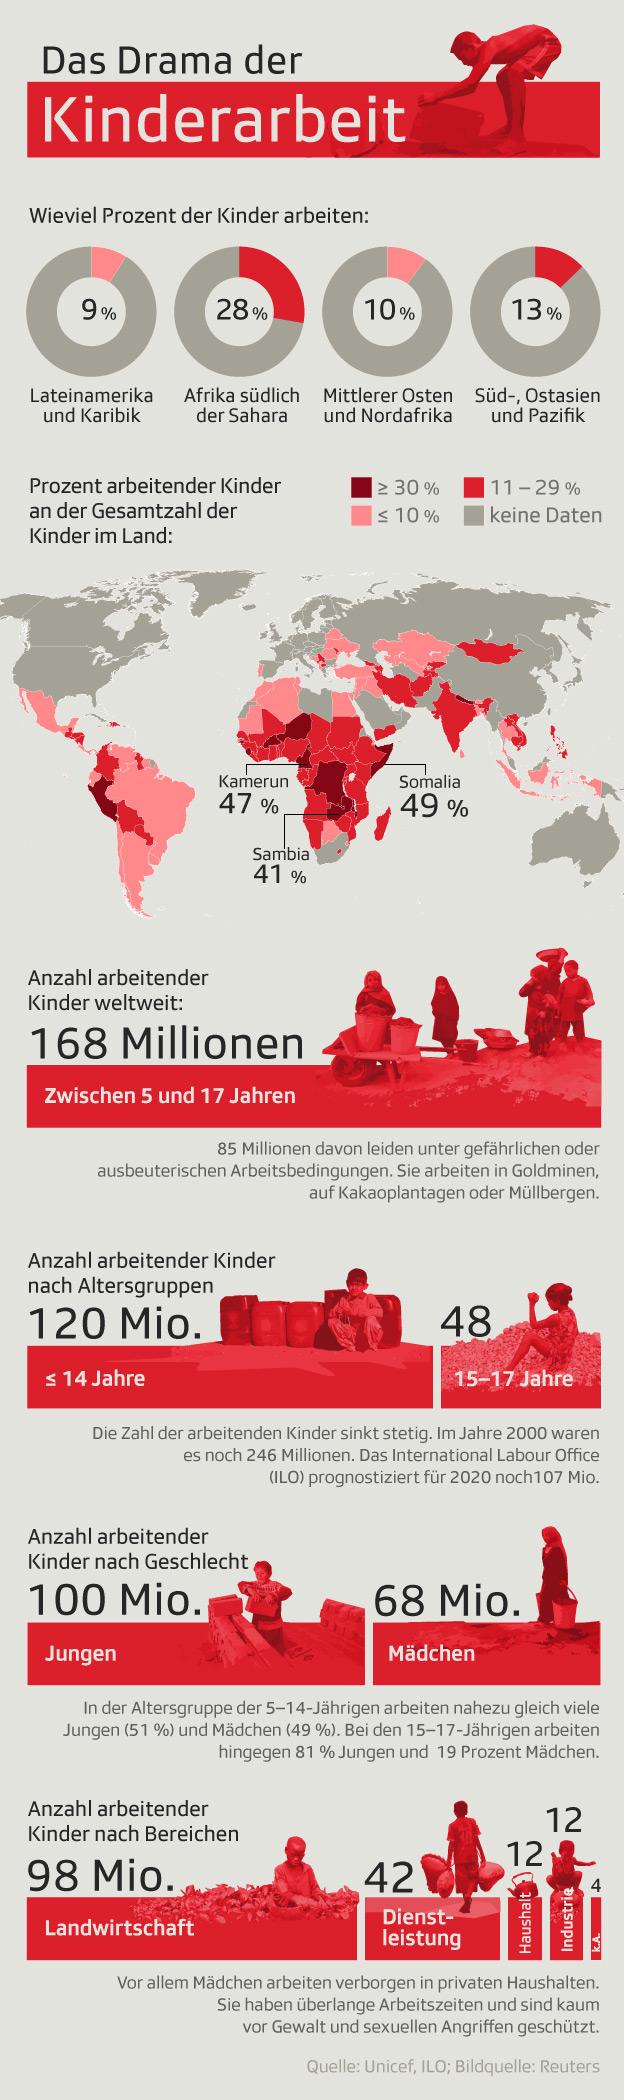 Über 150 Mio. Kinder müssen weltweit arbeiten